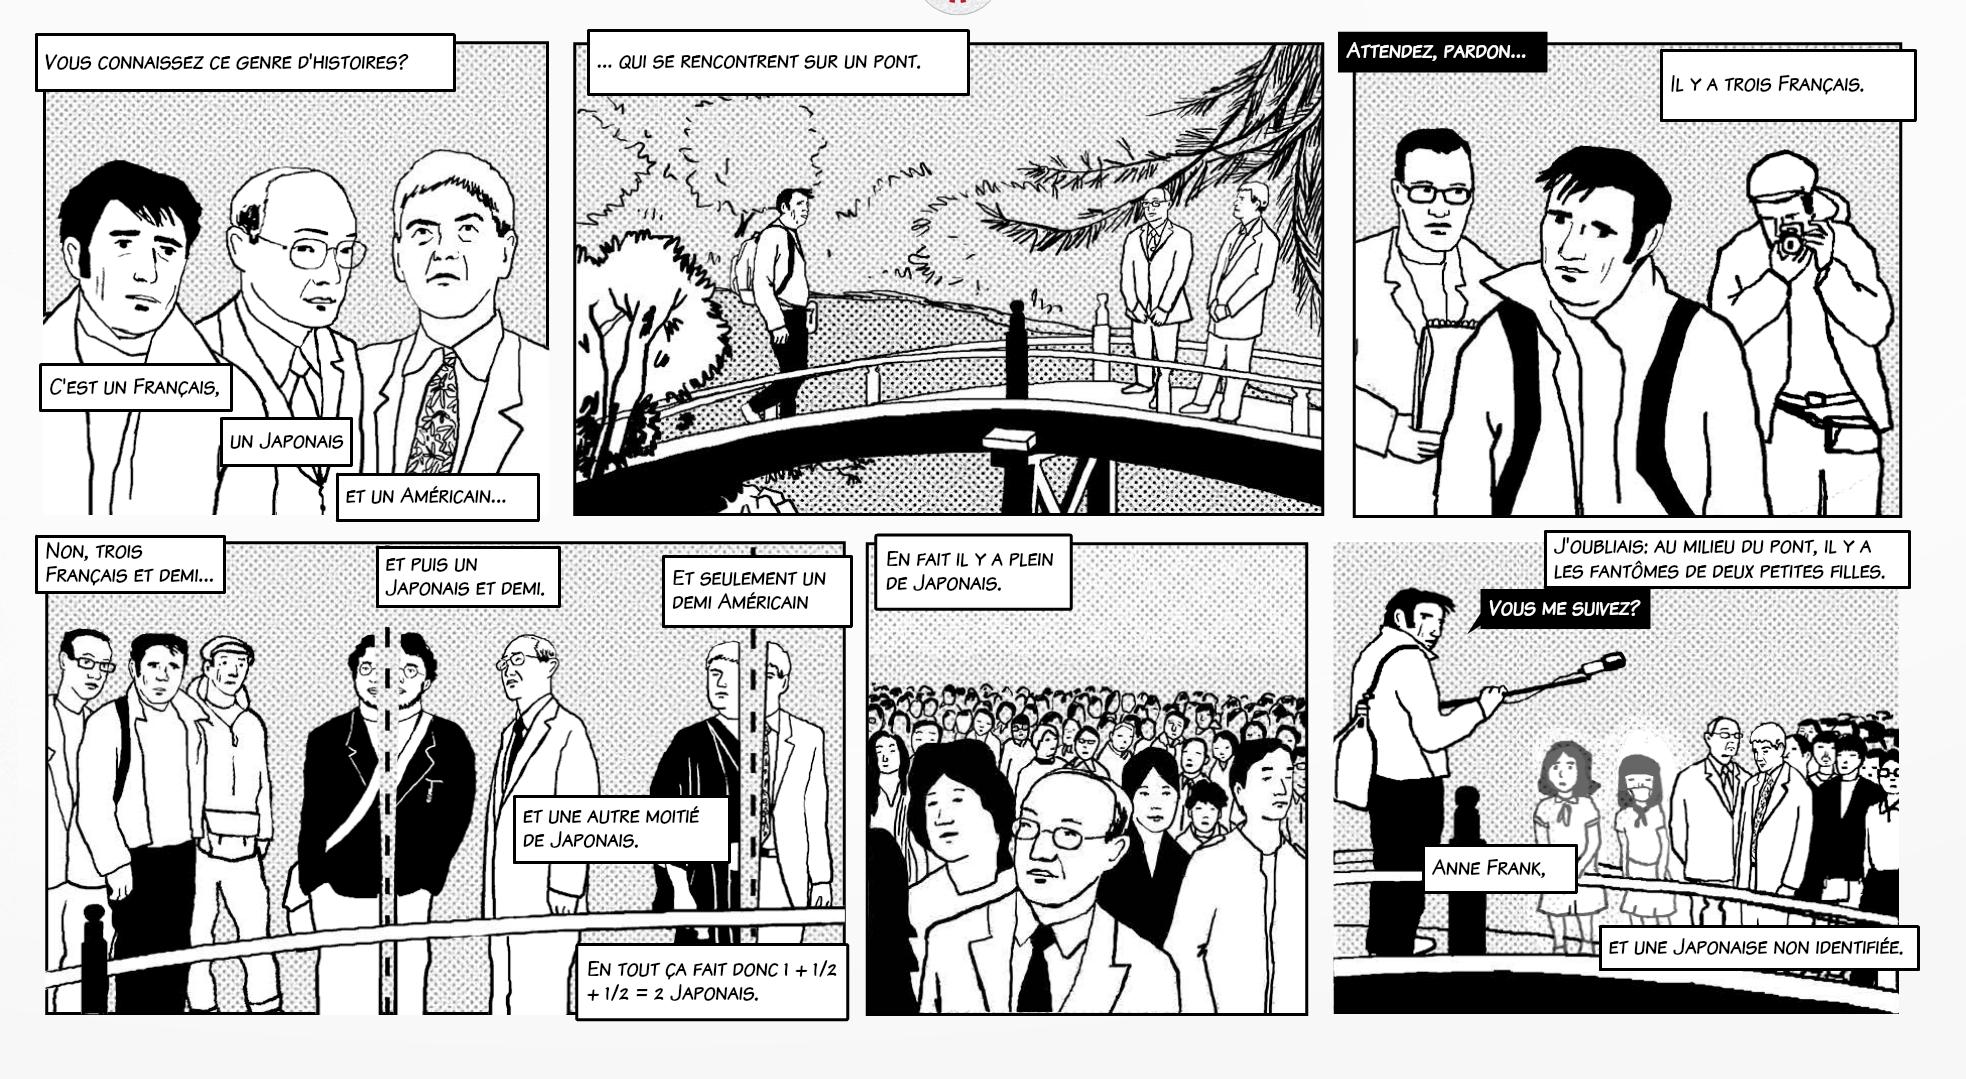 Le journal d 39 anne frank au pays du manga for Le journal du pays d auge